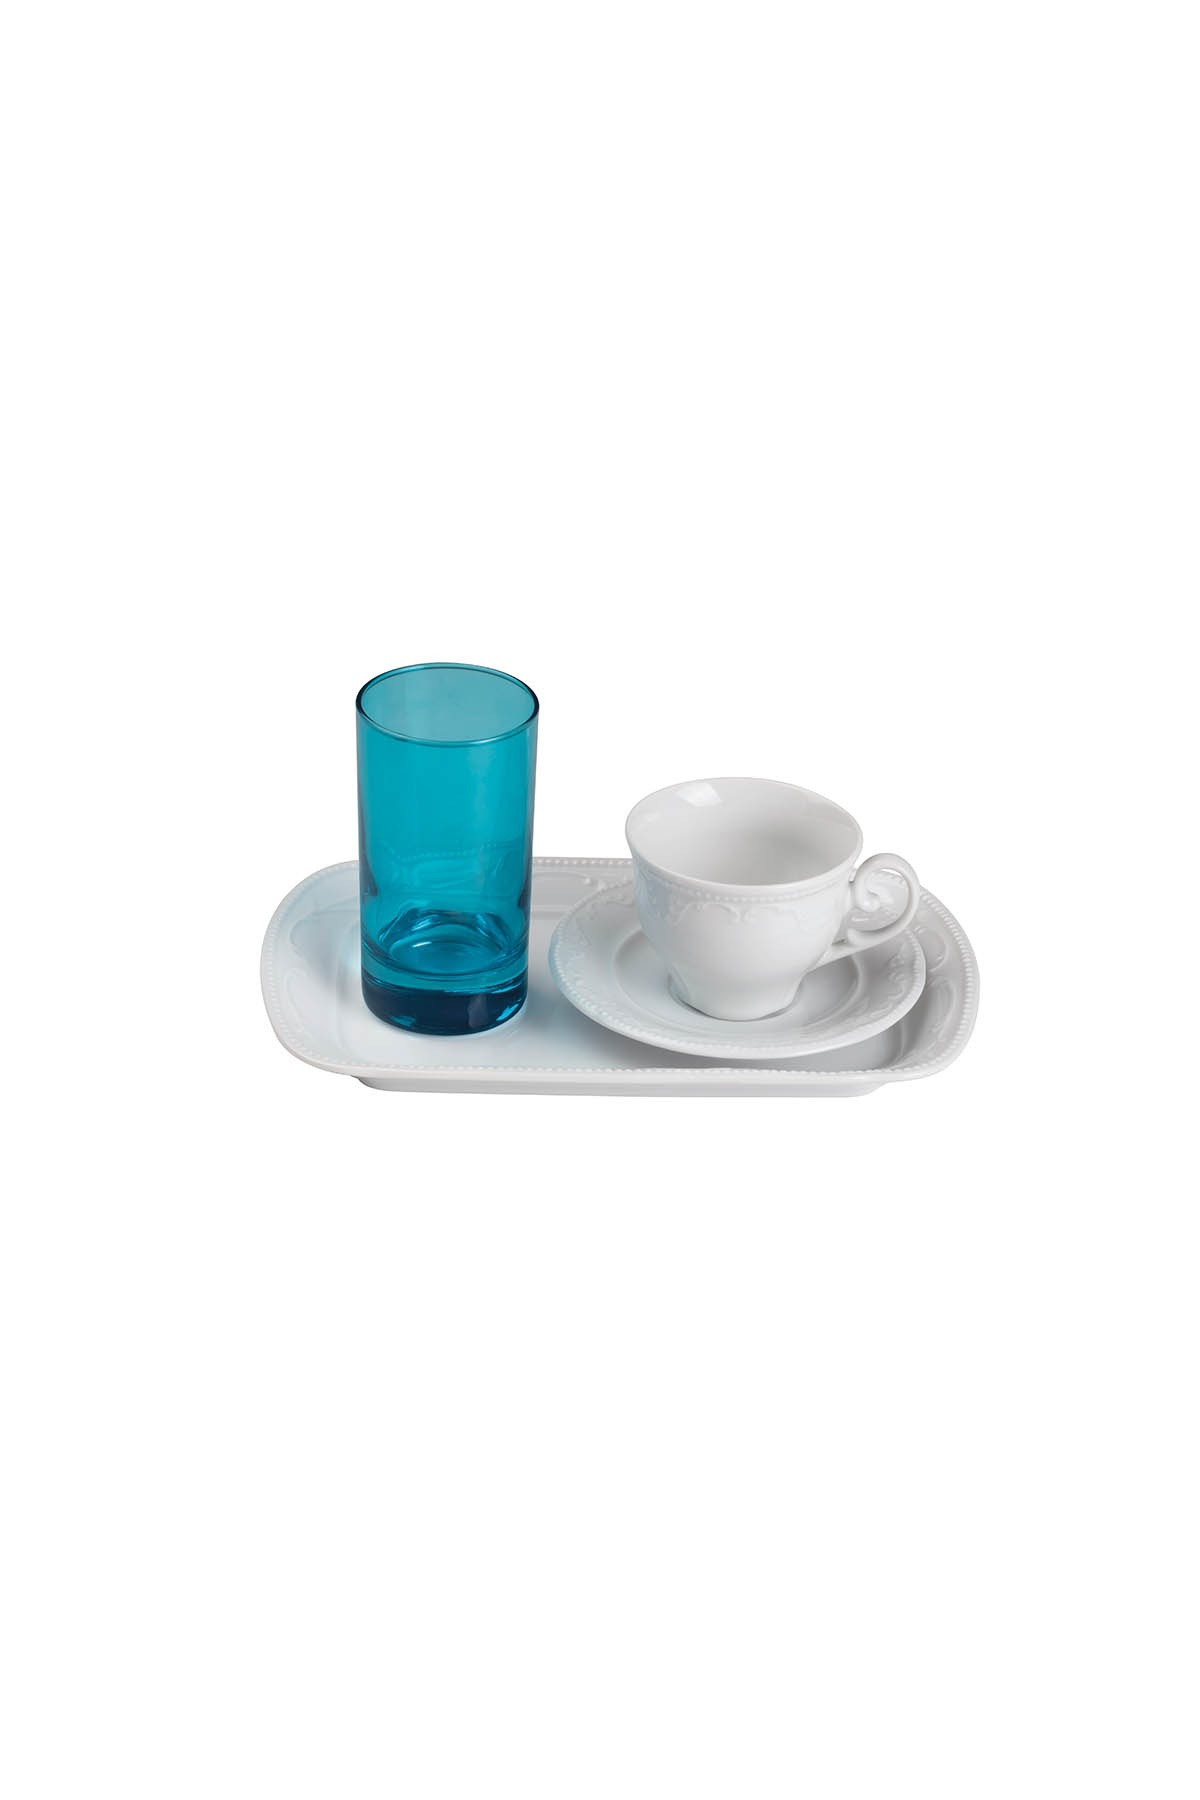 Kütahya Porselen - Kütahya Porselen Caprice Tepsili Fincan Takımı